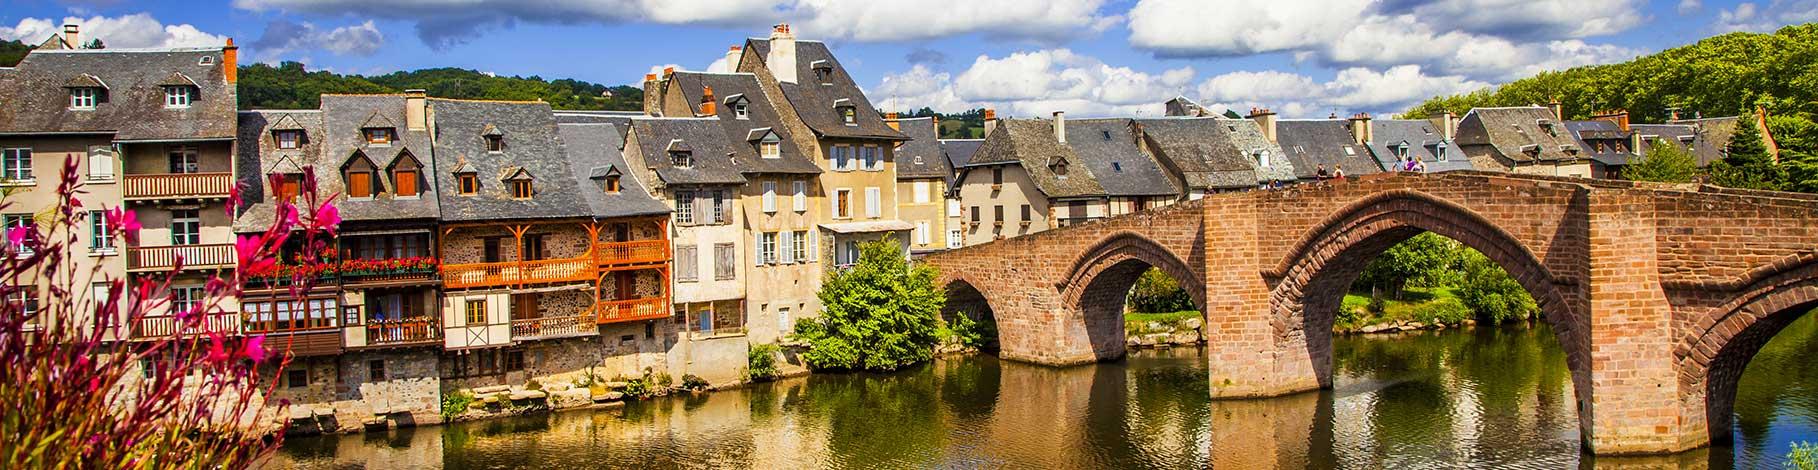 Dordogne river and bridge